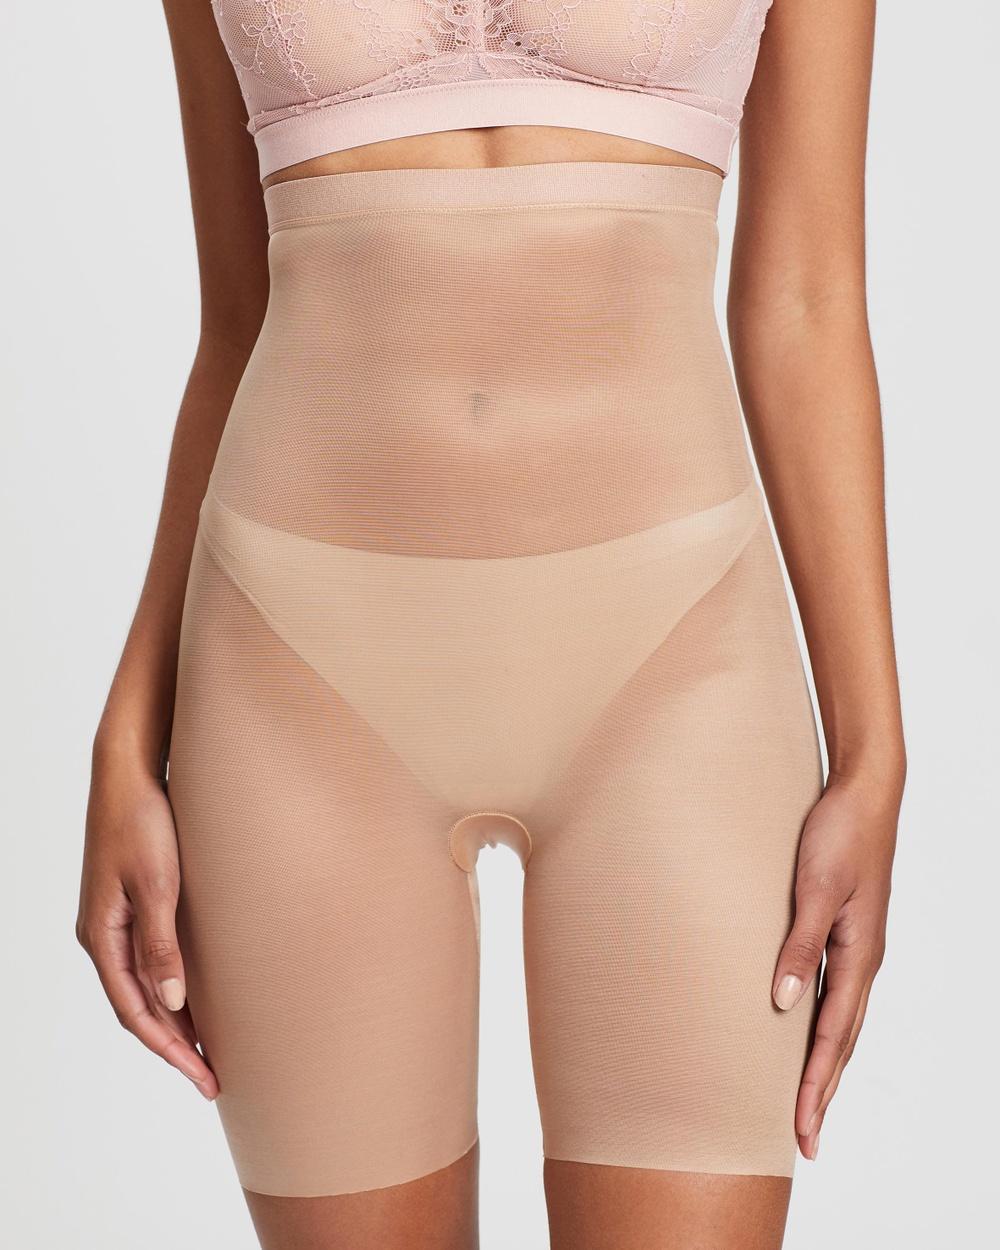 Spanx Skinny Britches High Waist Mid Thigh Shorts Underwear & Sleepwear Naked 2.0 High-Waist Mid-Thigh